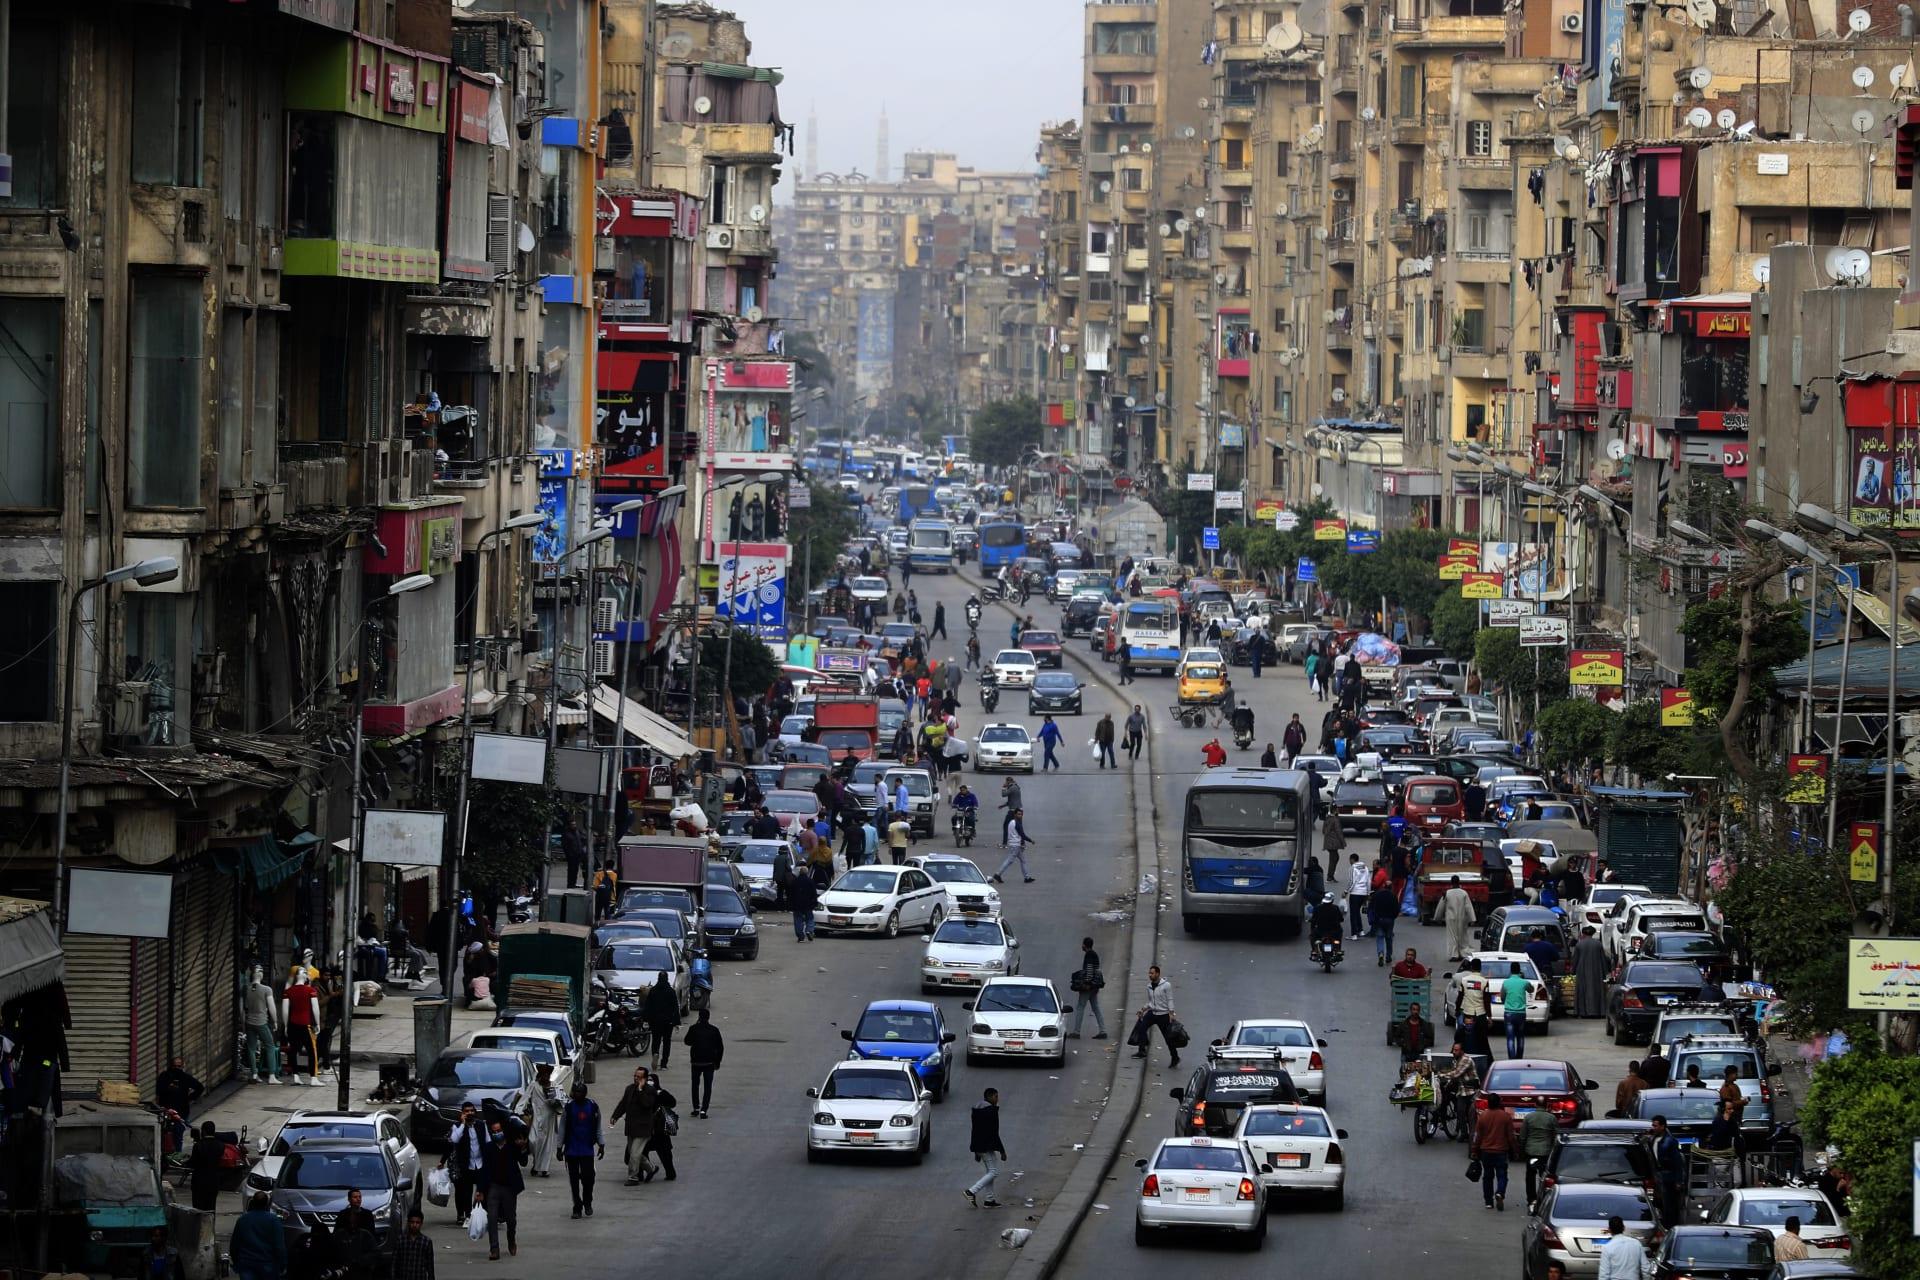 مصر تمنح الترخيص الطارئ لاستخدام لقاح سينوفارم الصيني في البلاد